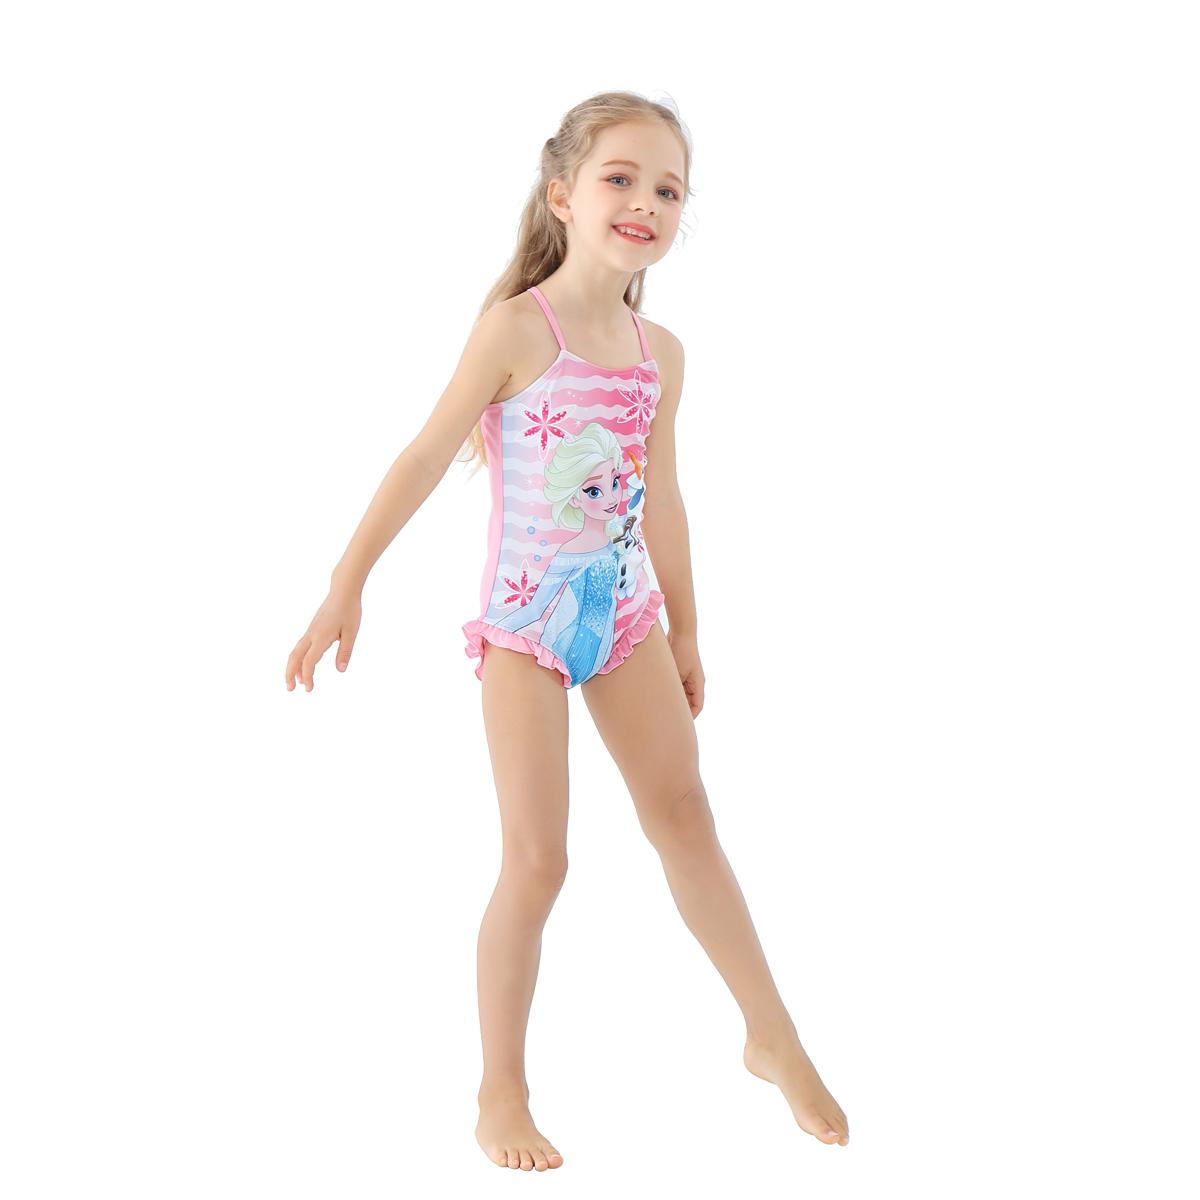 7e703dfb65976 China Kids Competition Swimwear, China Kids Competition Swimwear  Manufacturers and Suppliers on Alibaba.com